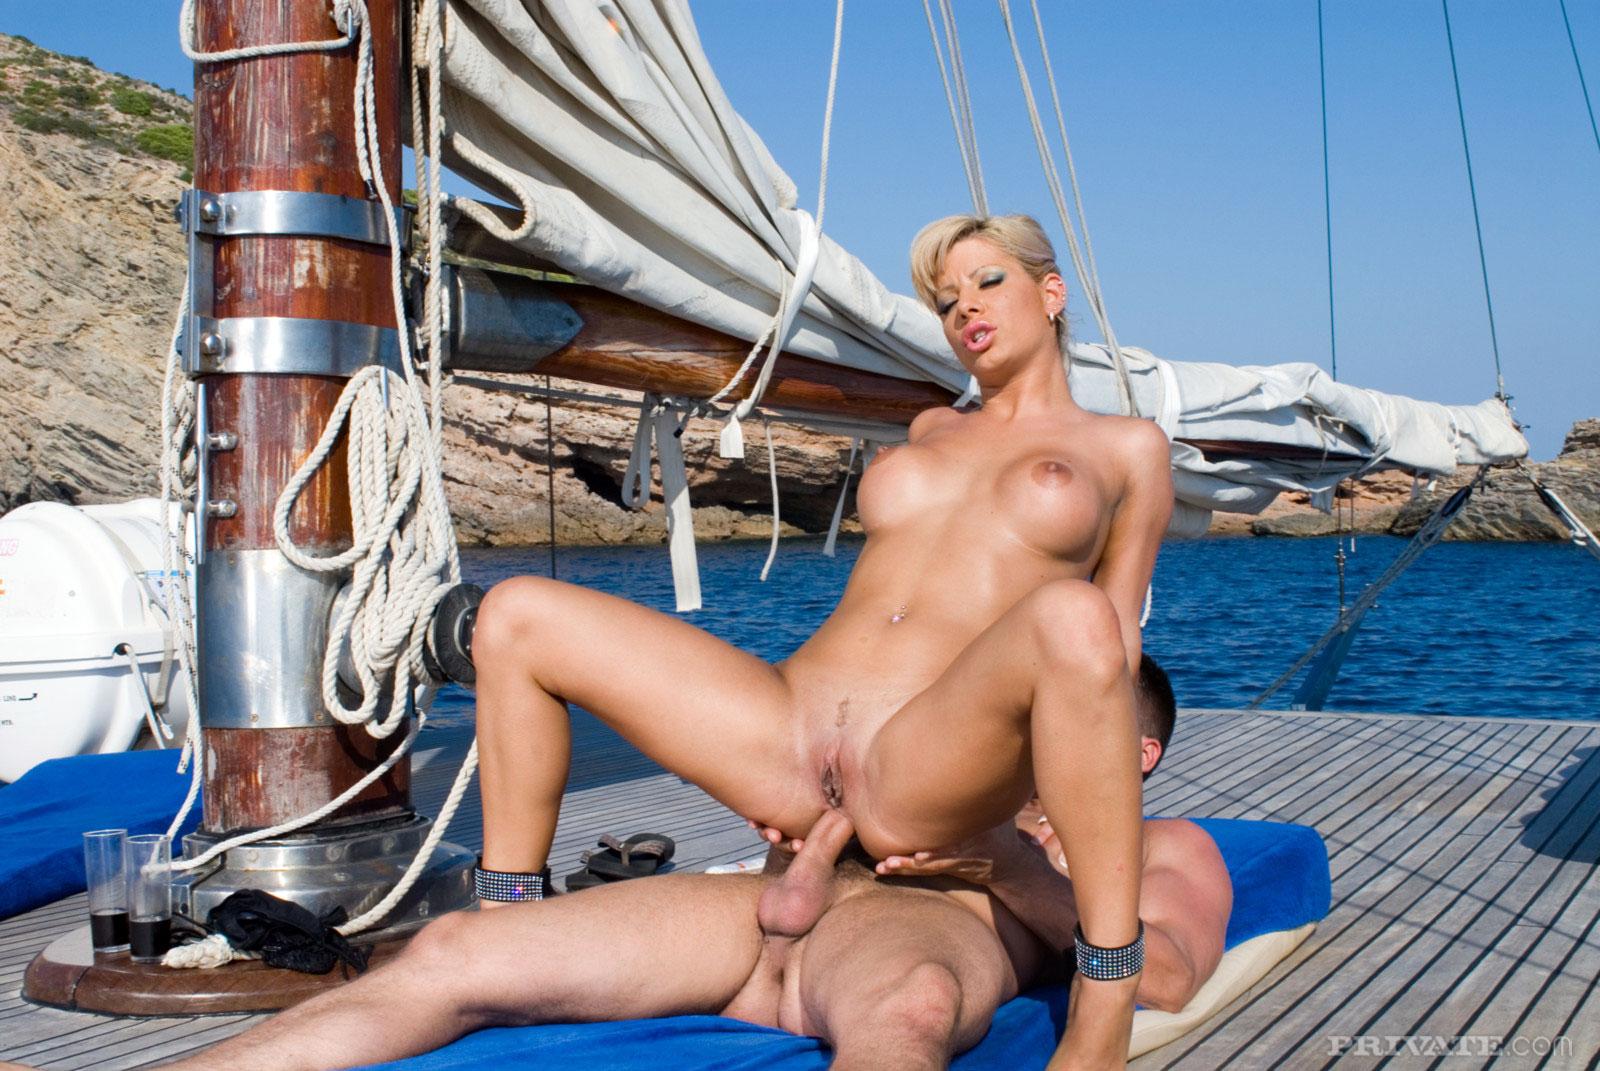 трах на яхте порно видео порно видео фото